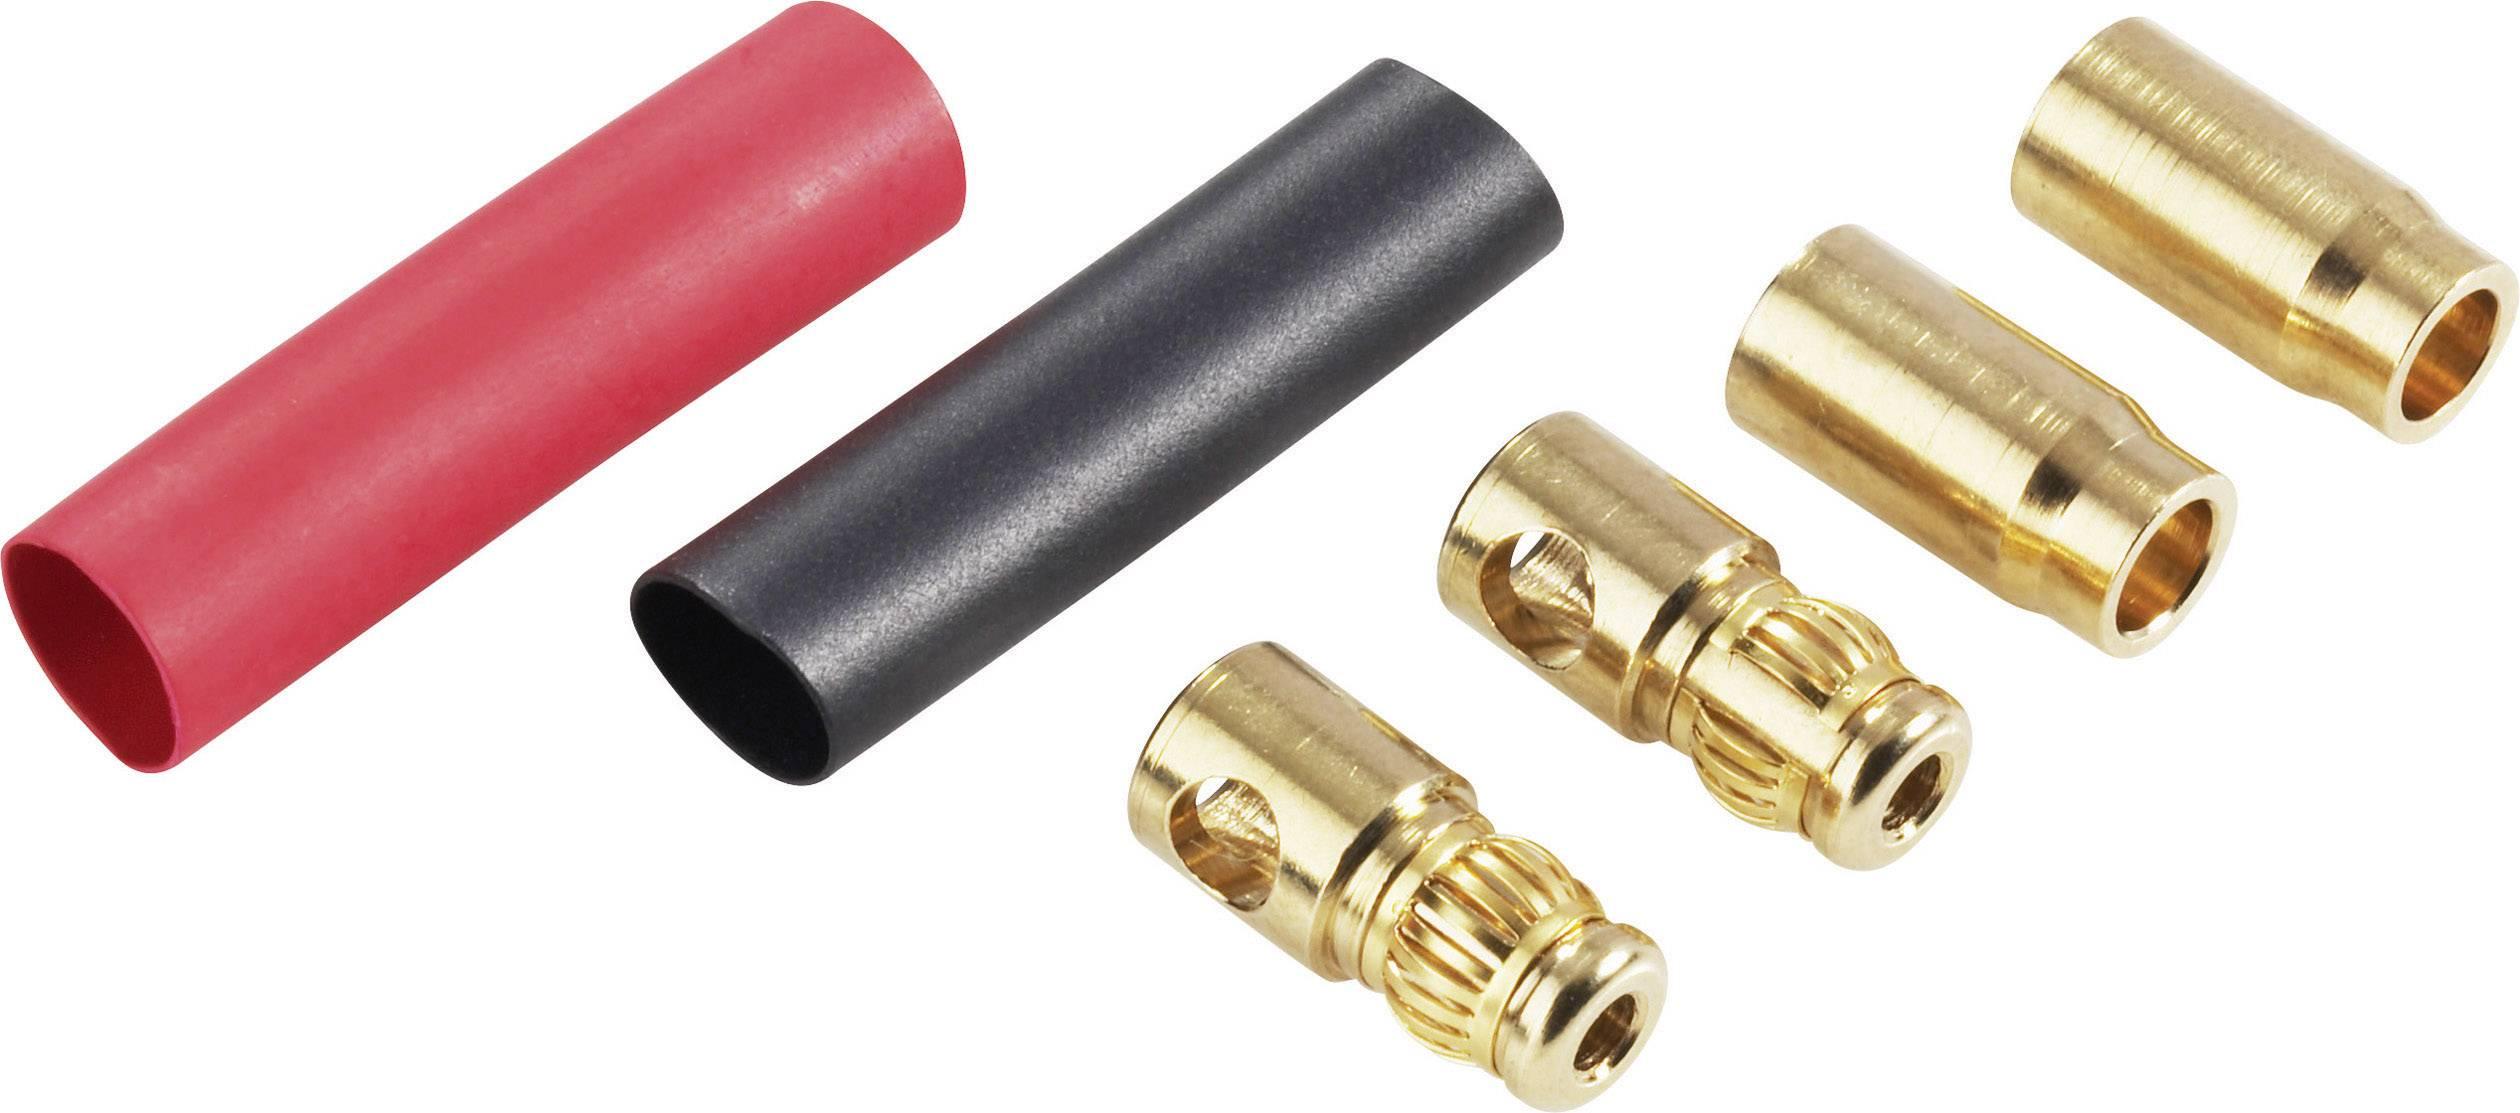 Zástrčkový systém so zlatými konektormi DS 6